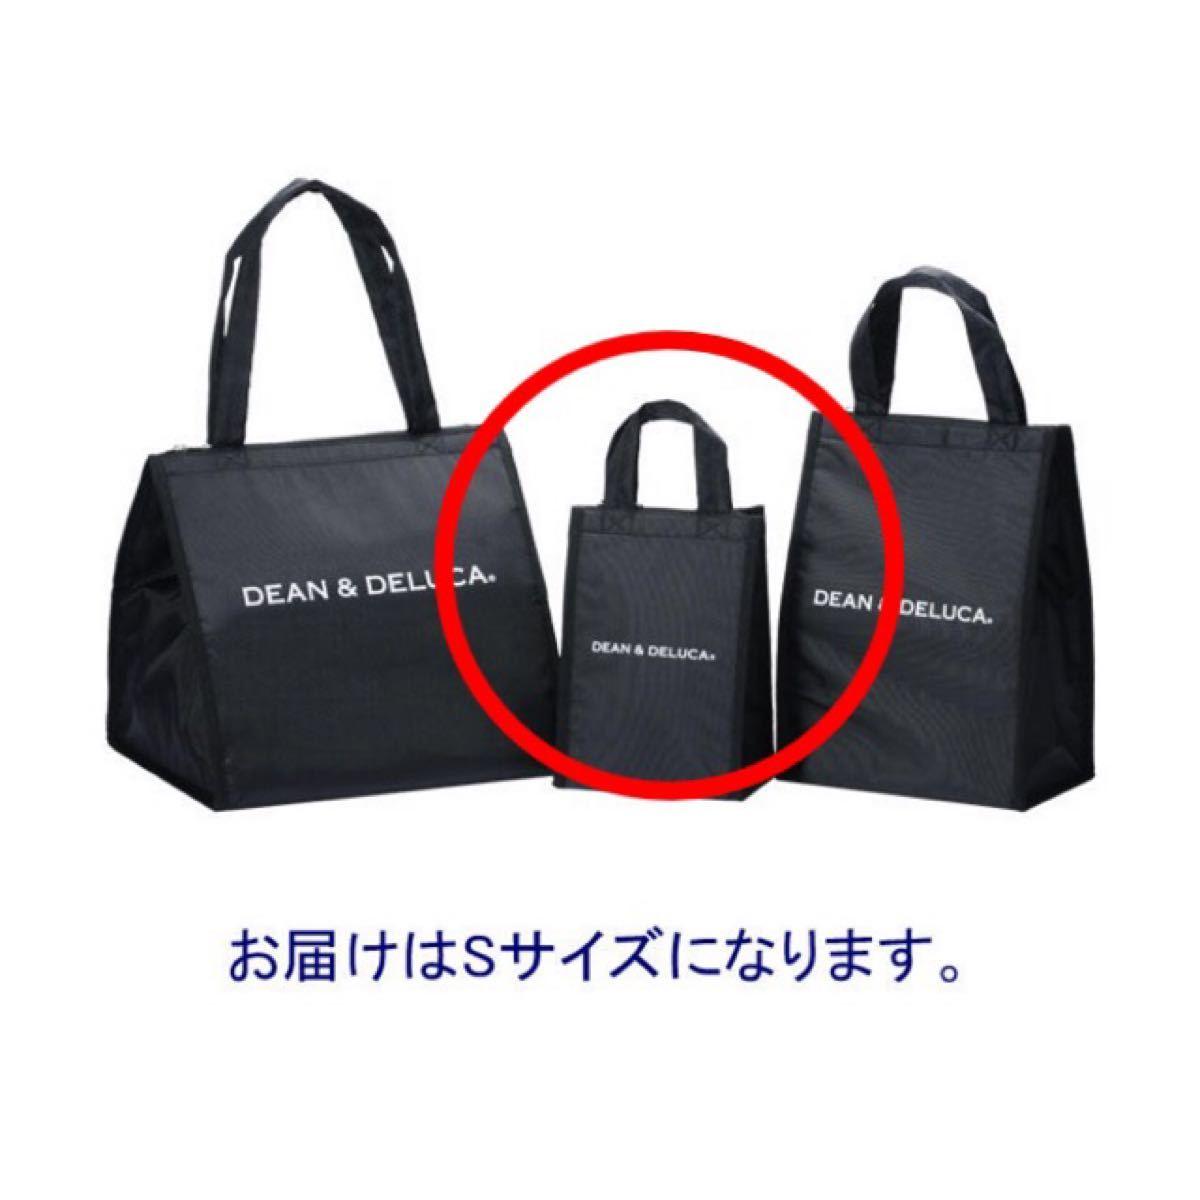 新品 DEAN&DELUCA 保冷バッグ Sサイズ